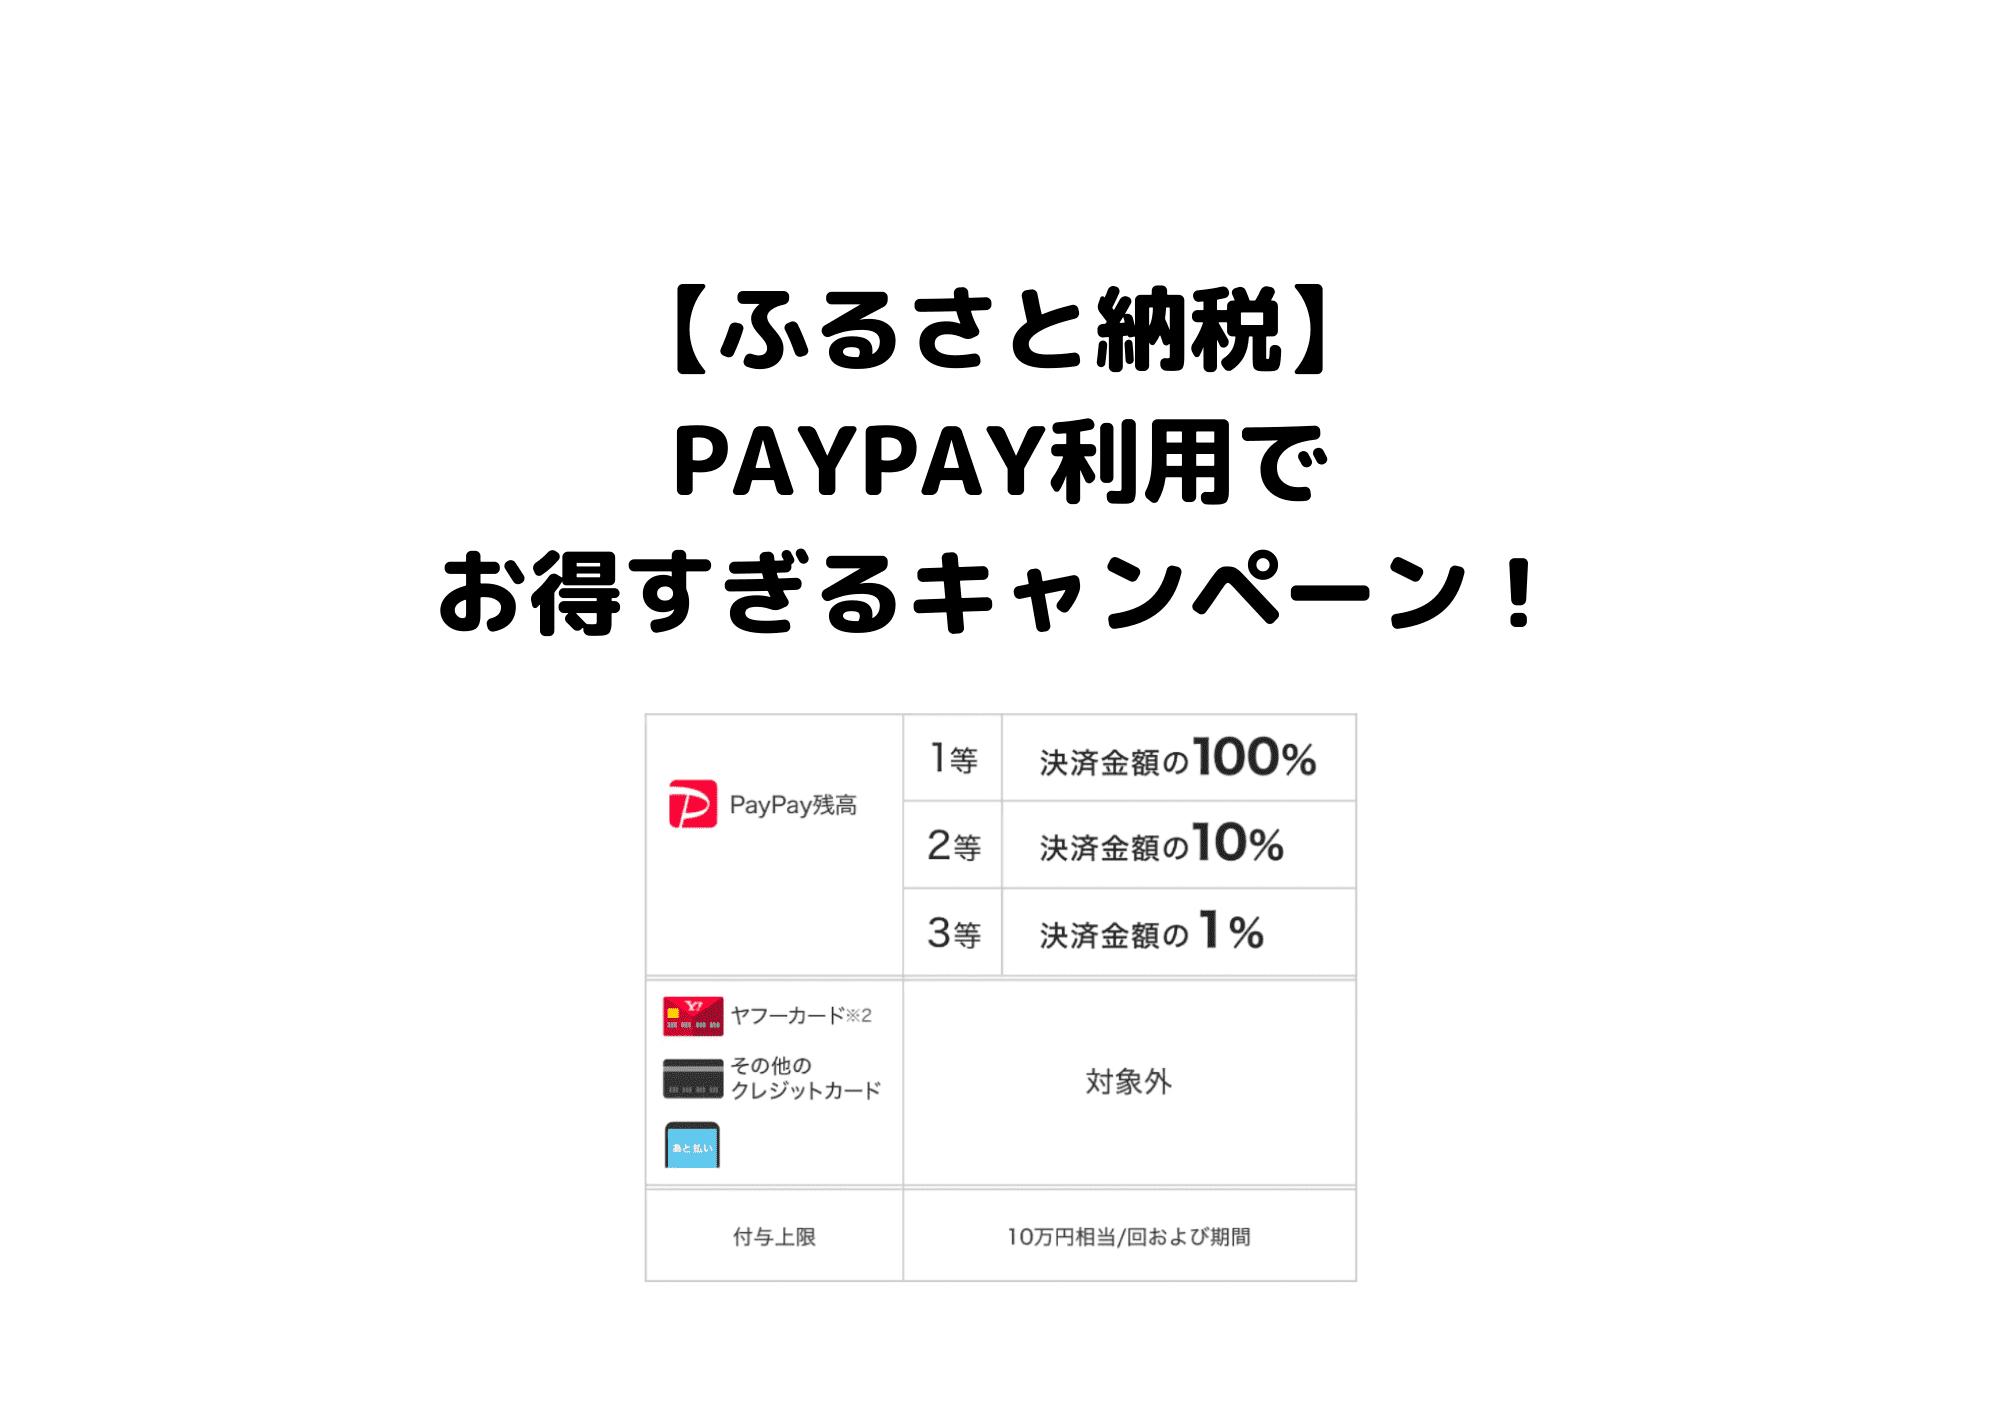 ふるさと納税PayPay